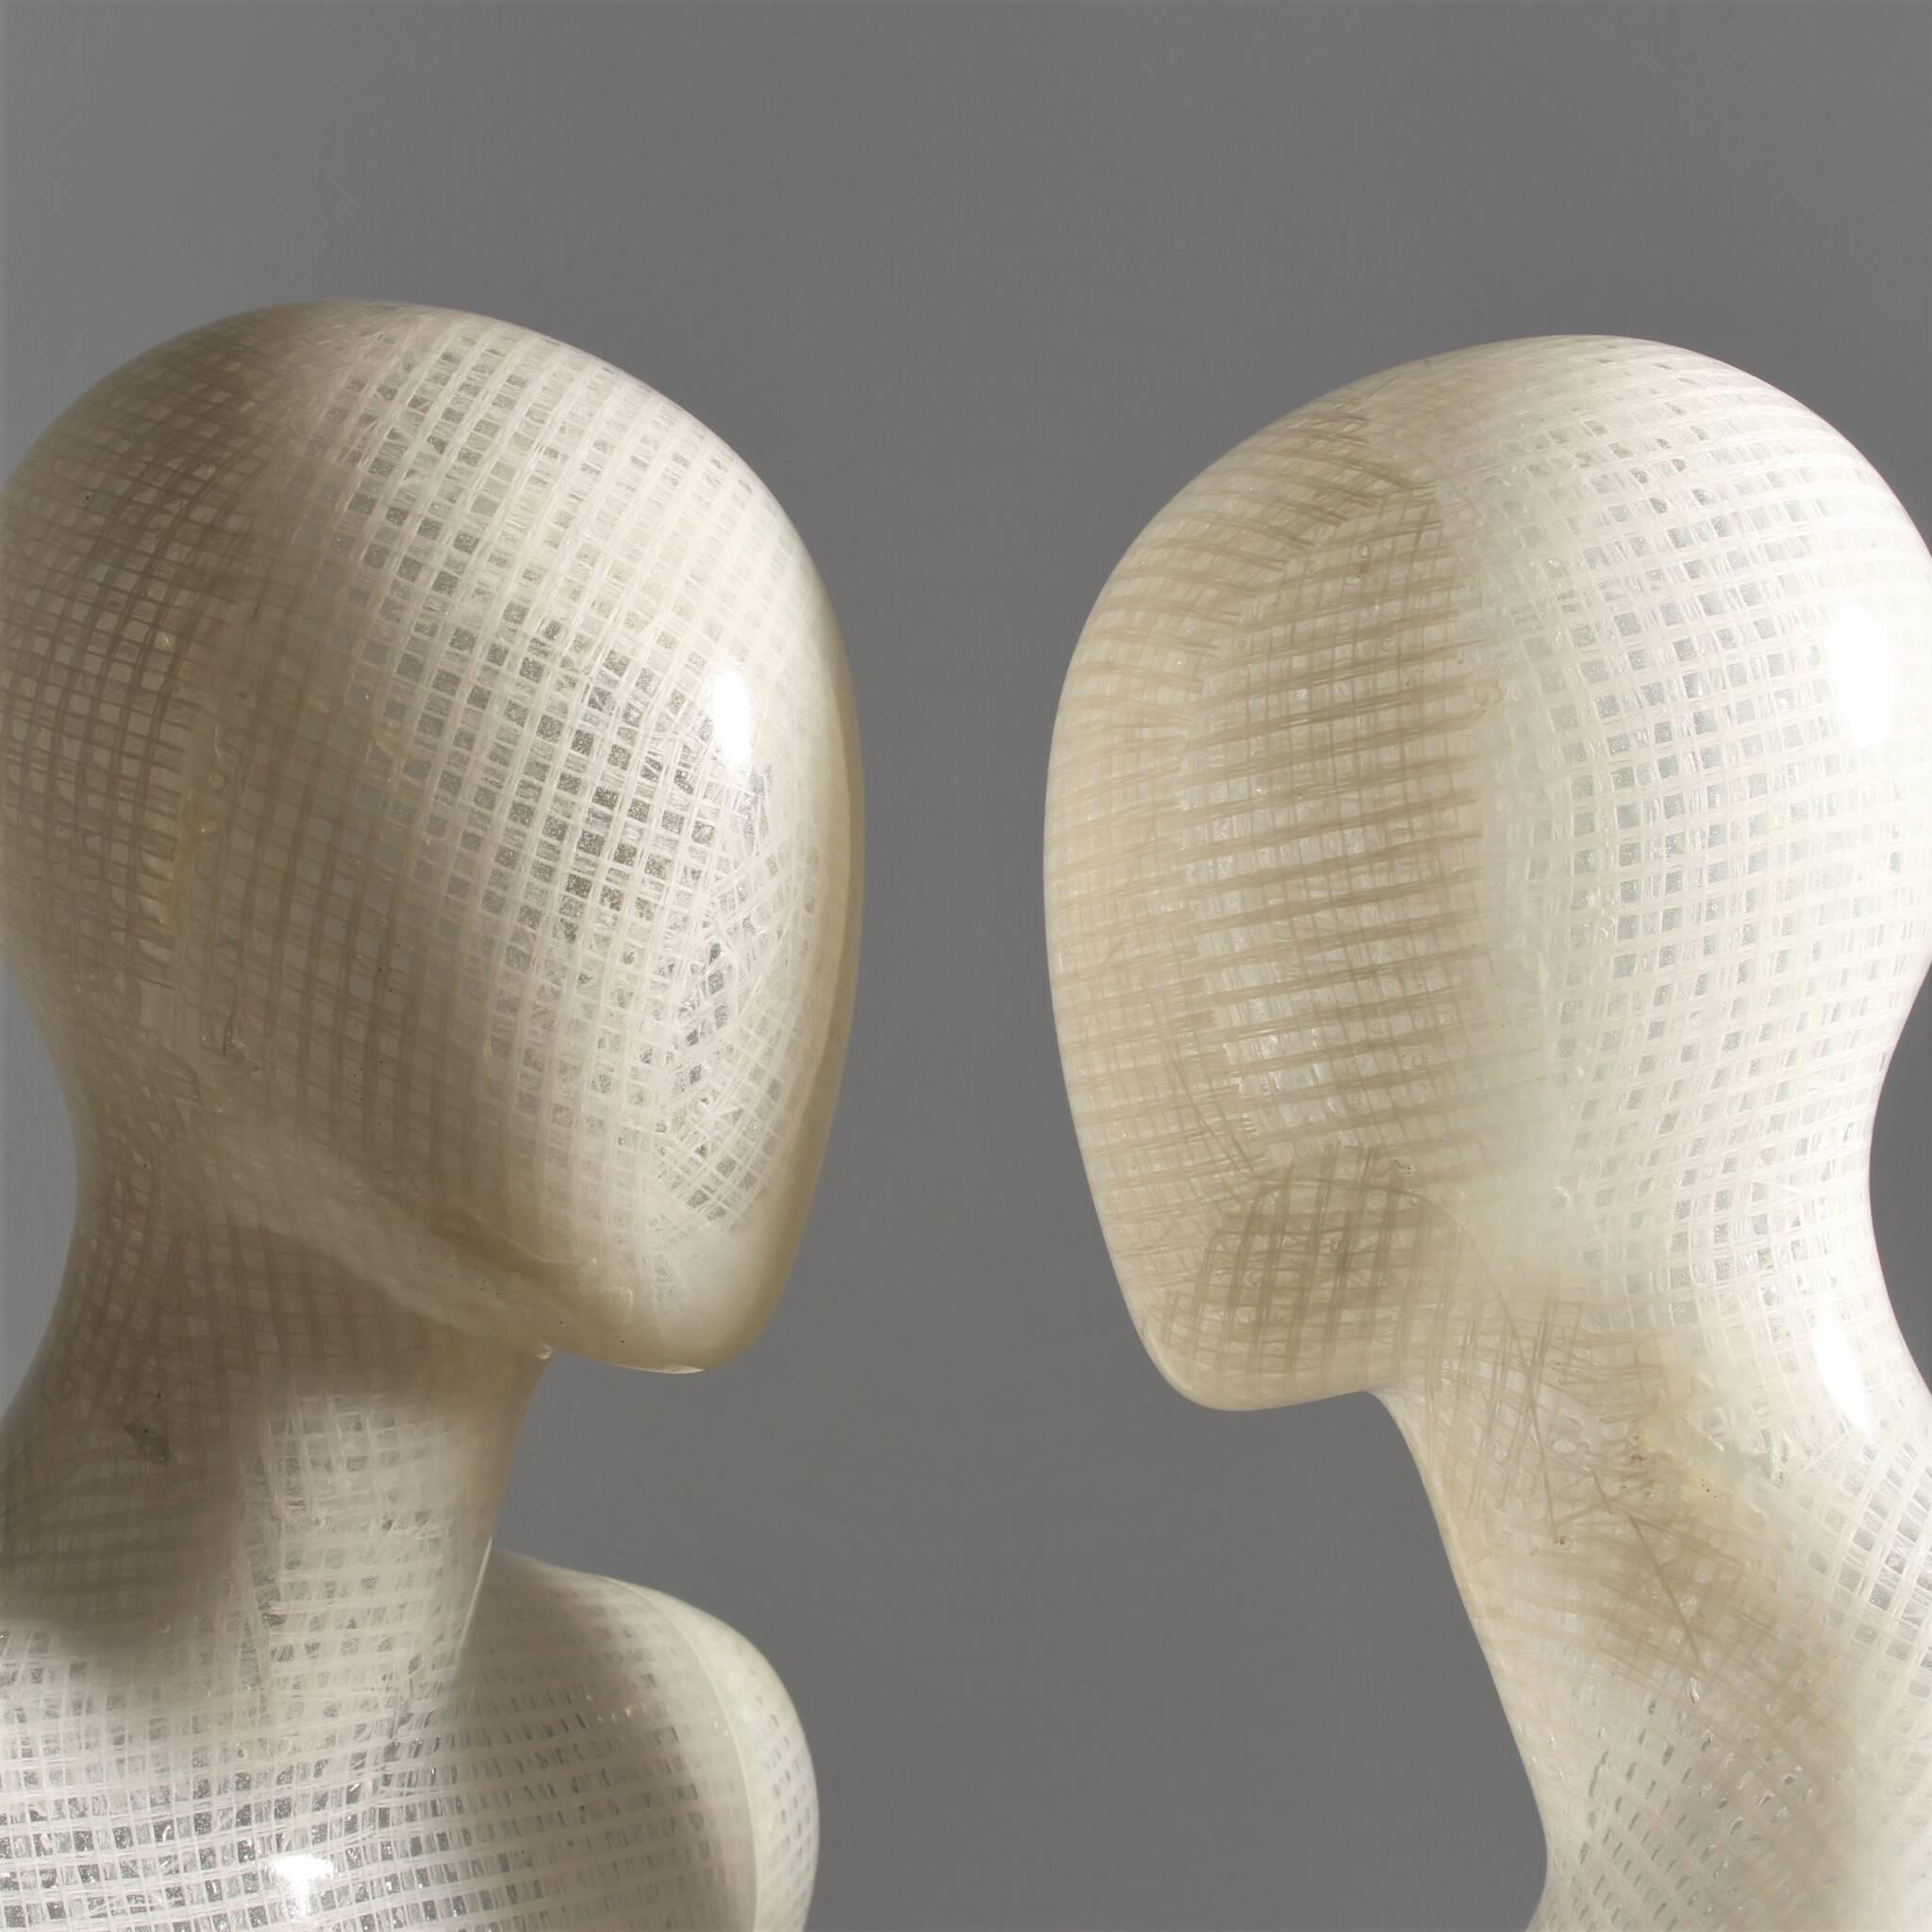 Bæredygtig mannequin af vævet bast og bioharpiks